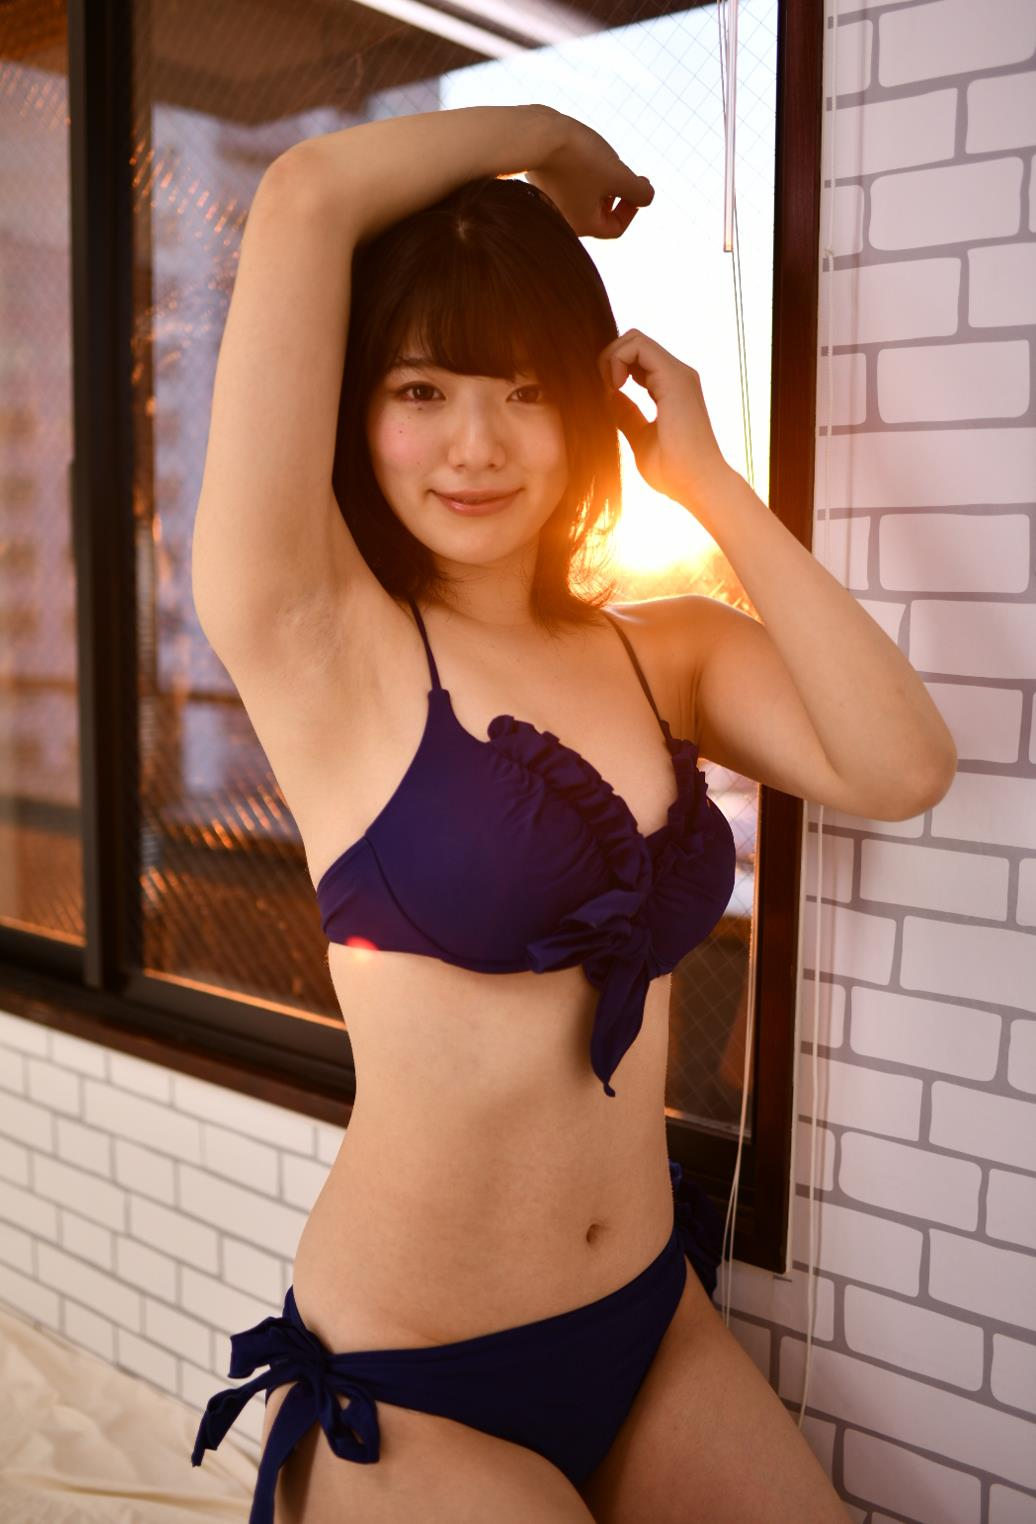 山田かなのツルスベボツ腋 (7)